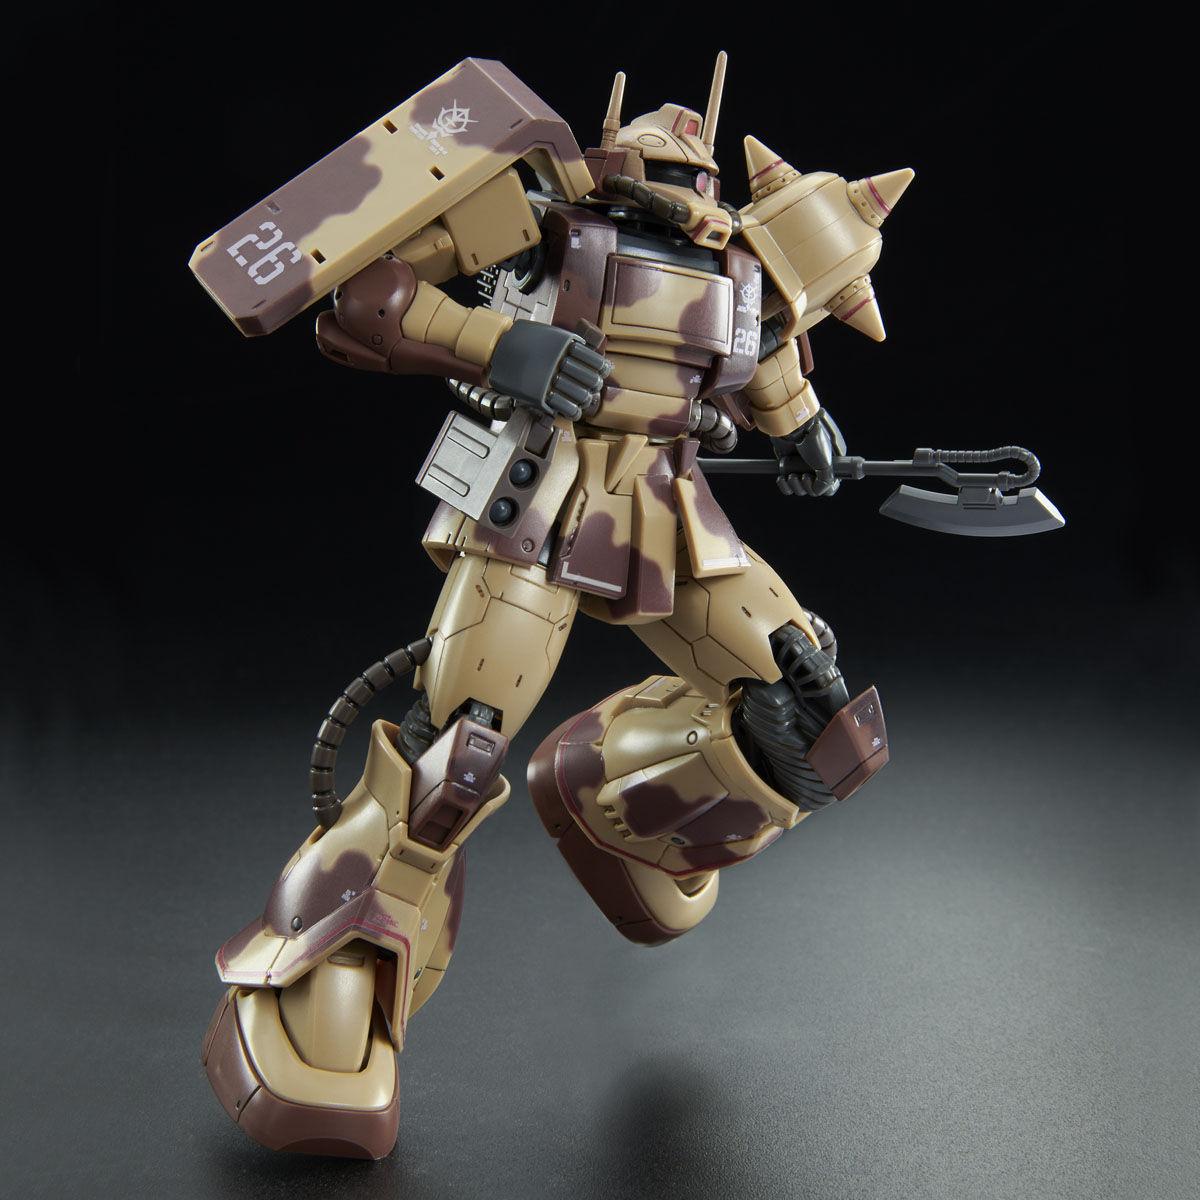 【限定販売】HG 1/144『ザク・デザートタイプ(ダブルアンテナ仕様)』プラモデル-007